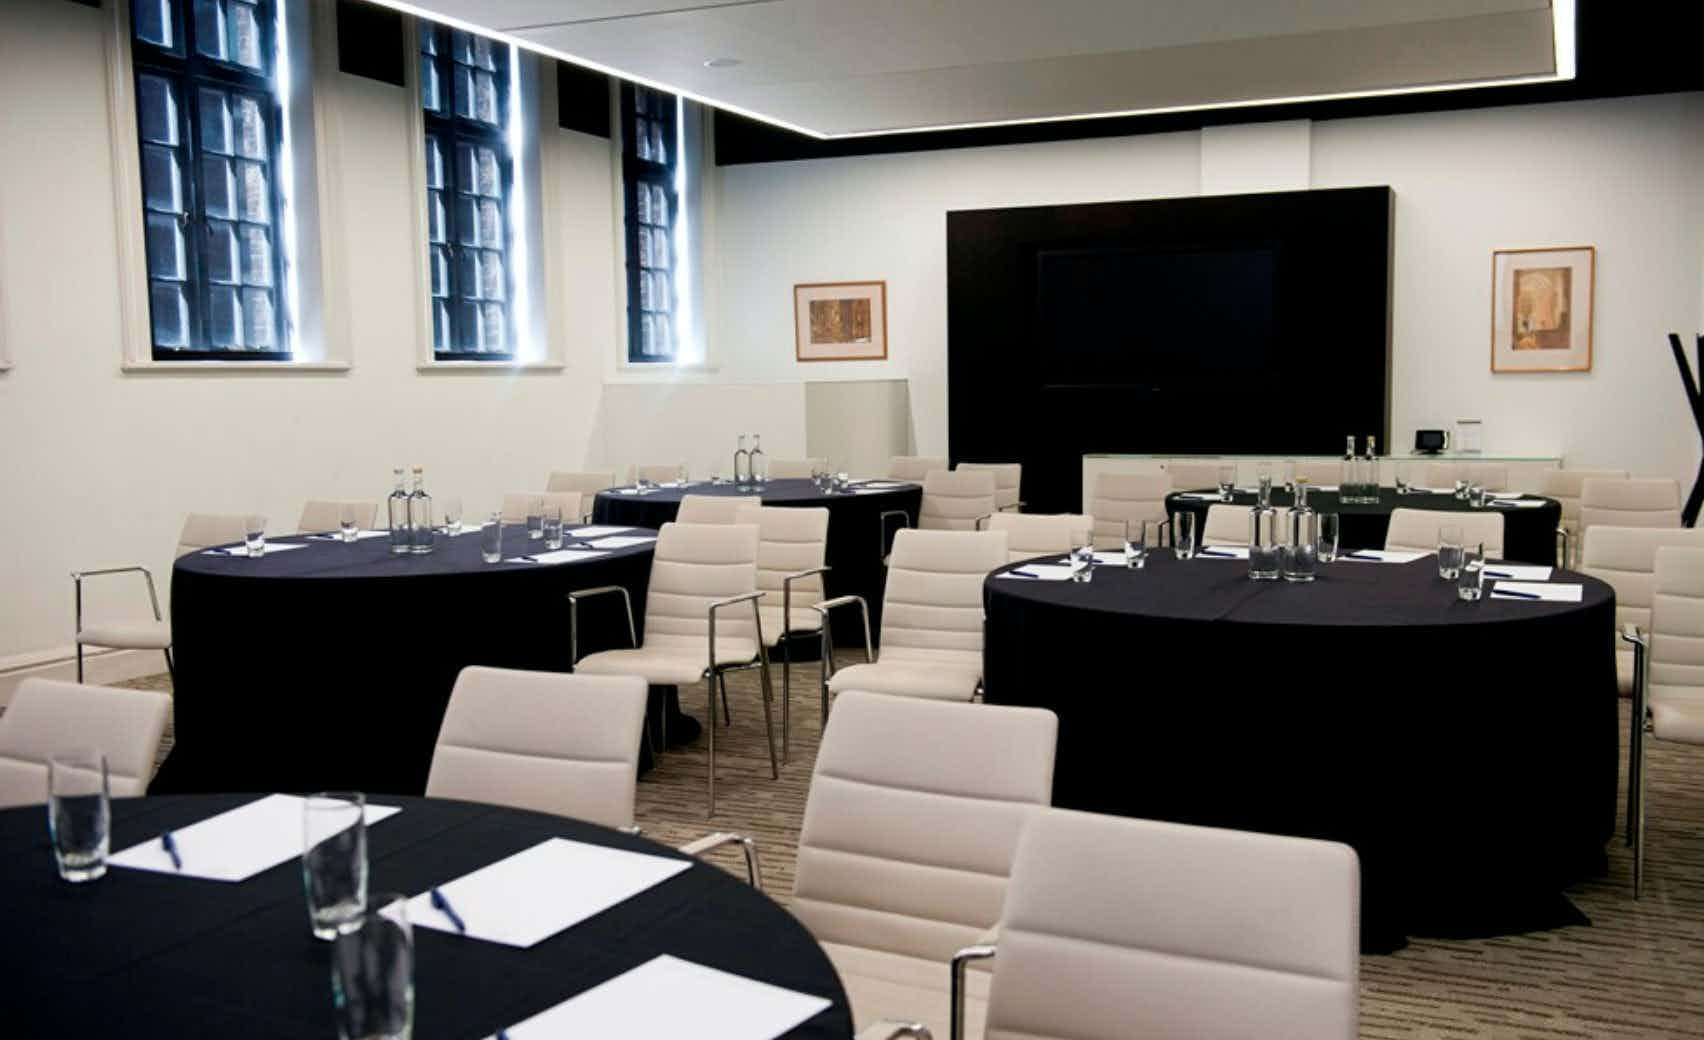 Ground Floor Meeting Room 5, 30 Euston Square